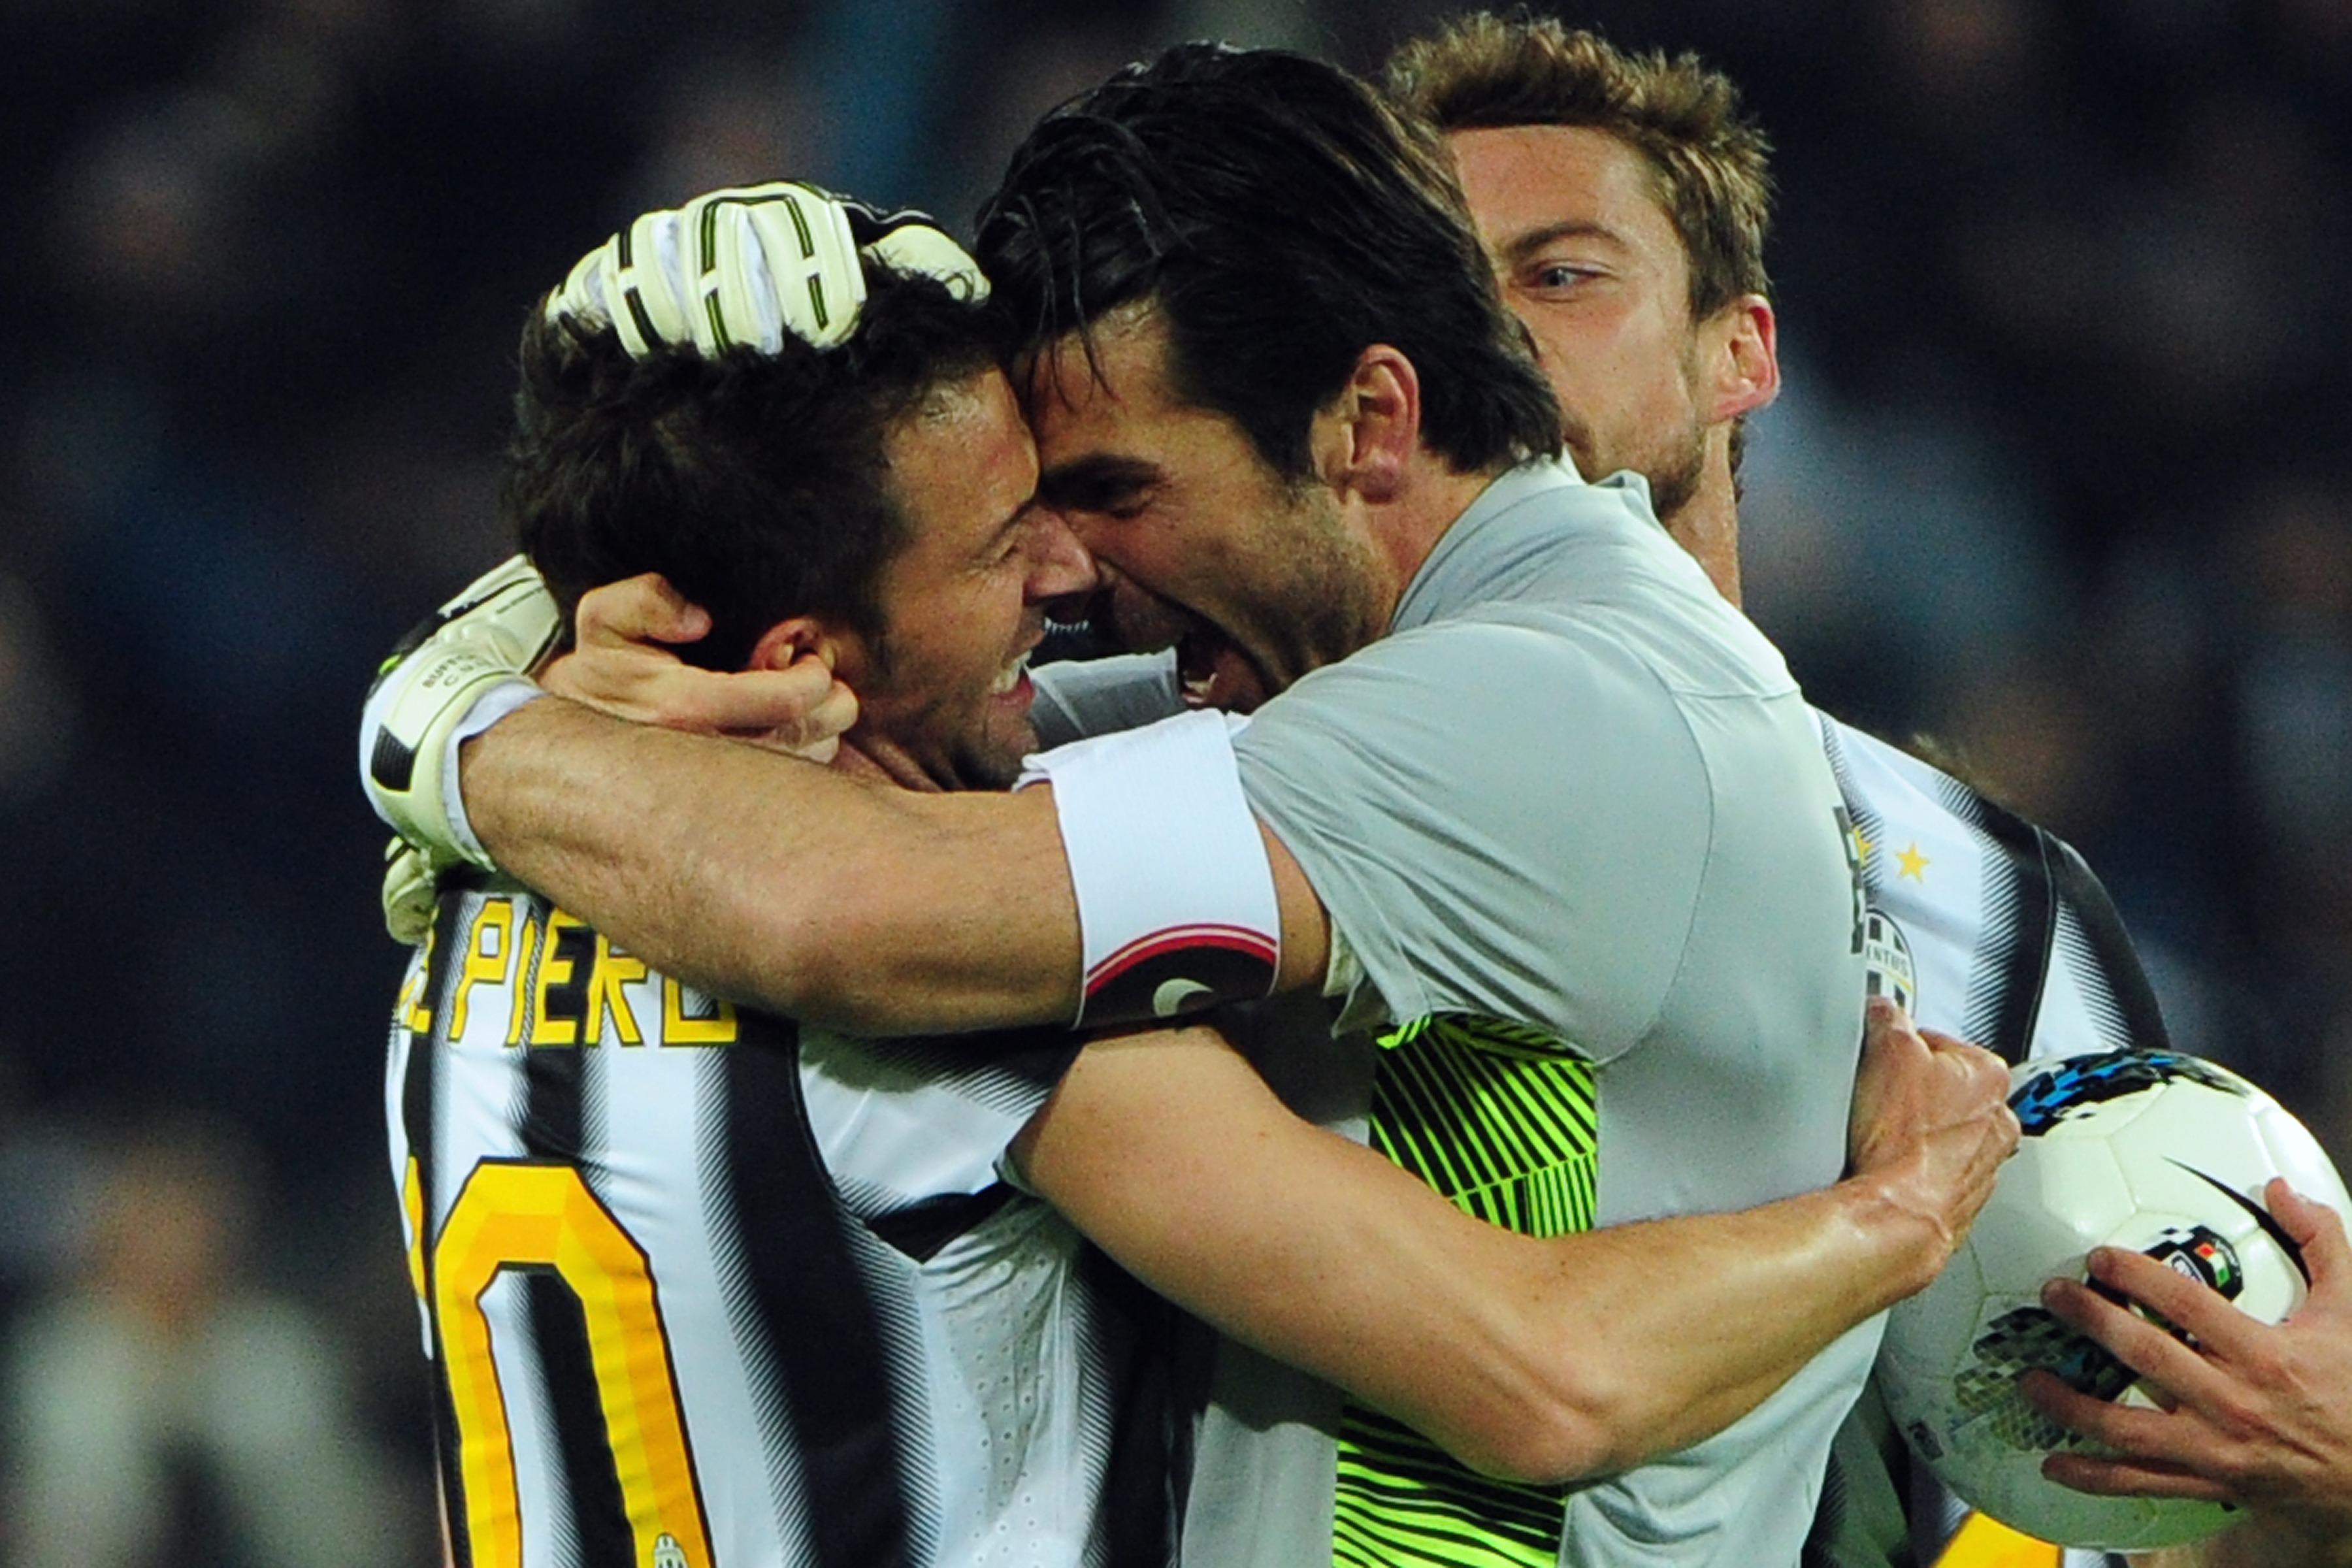 Juventus' forward Alessandro Del Piero (